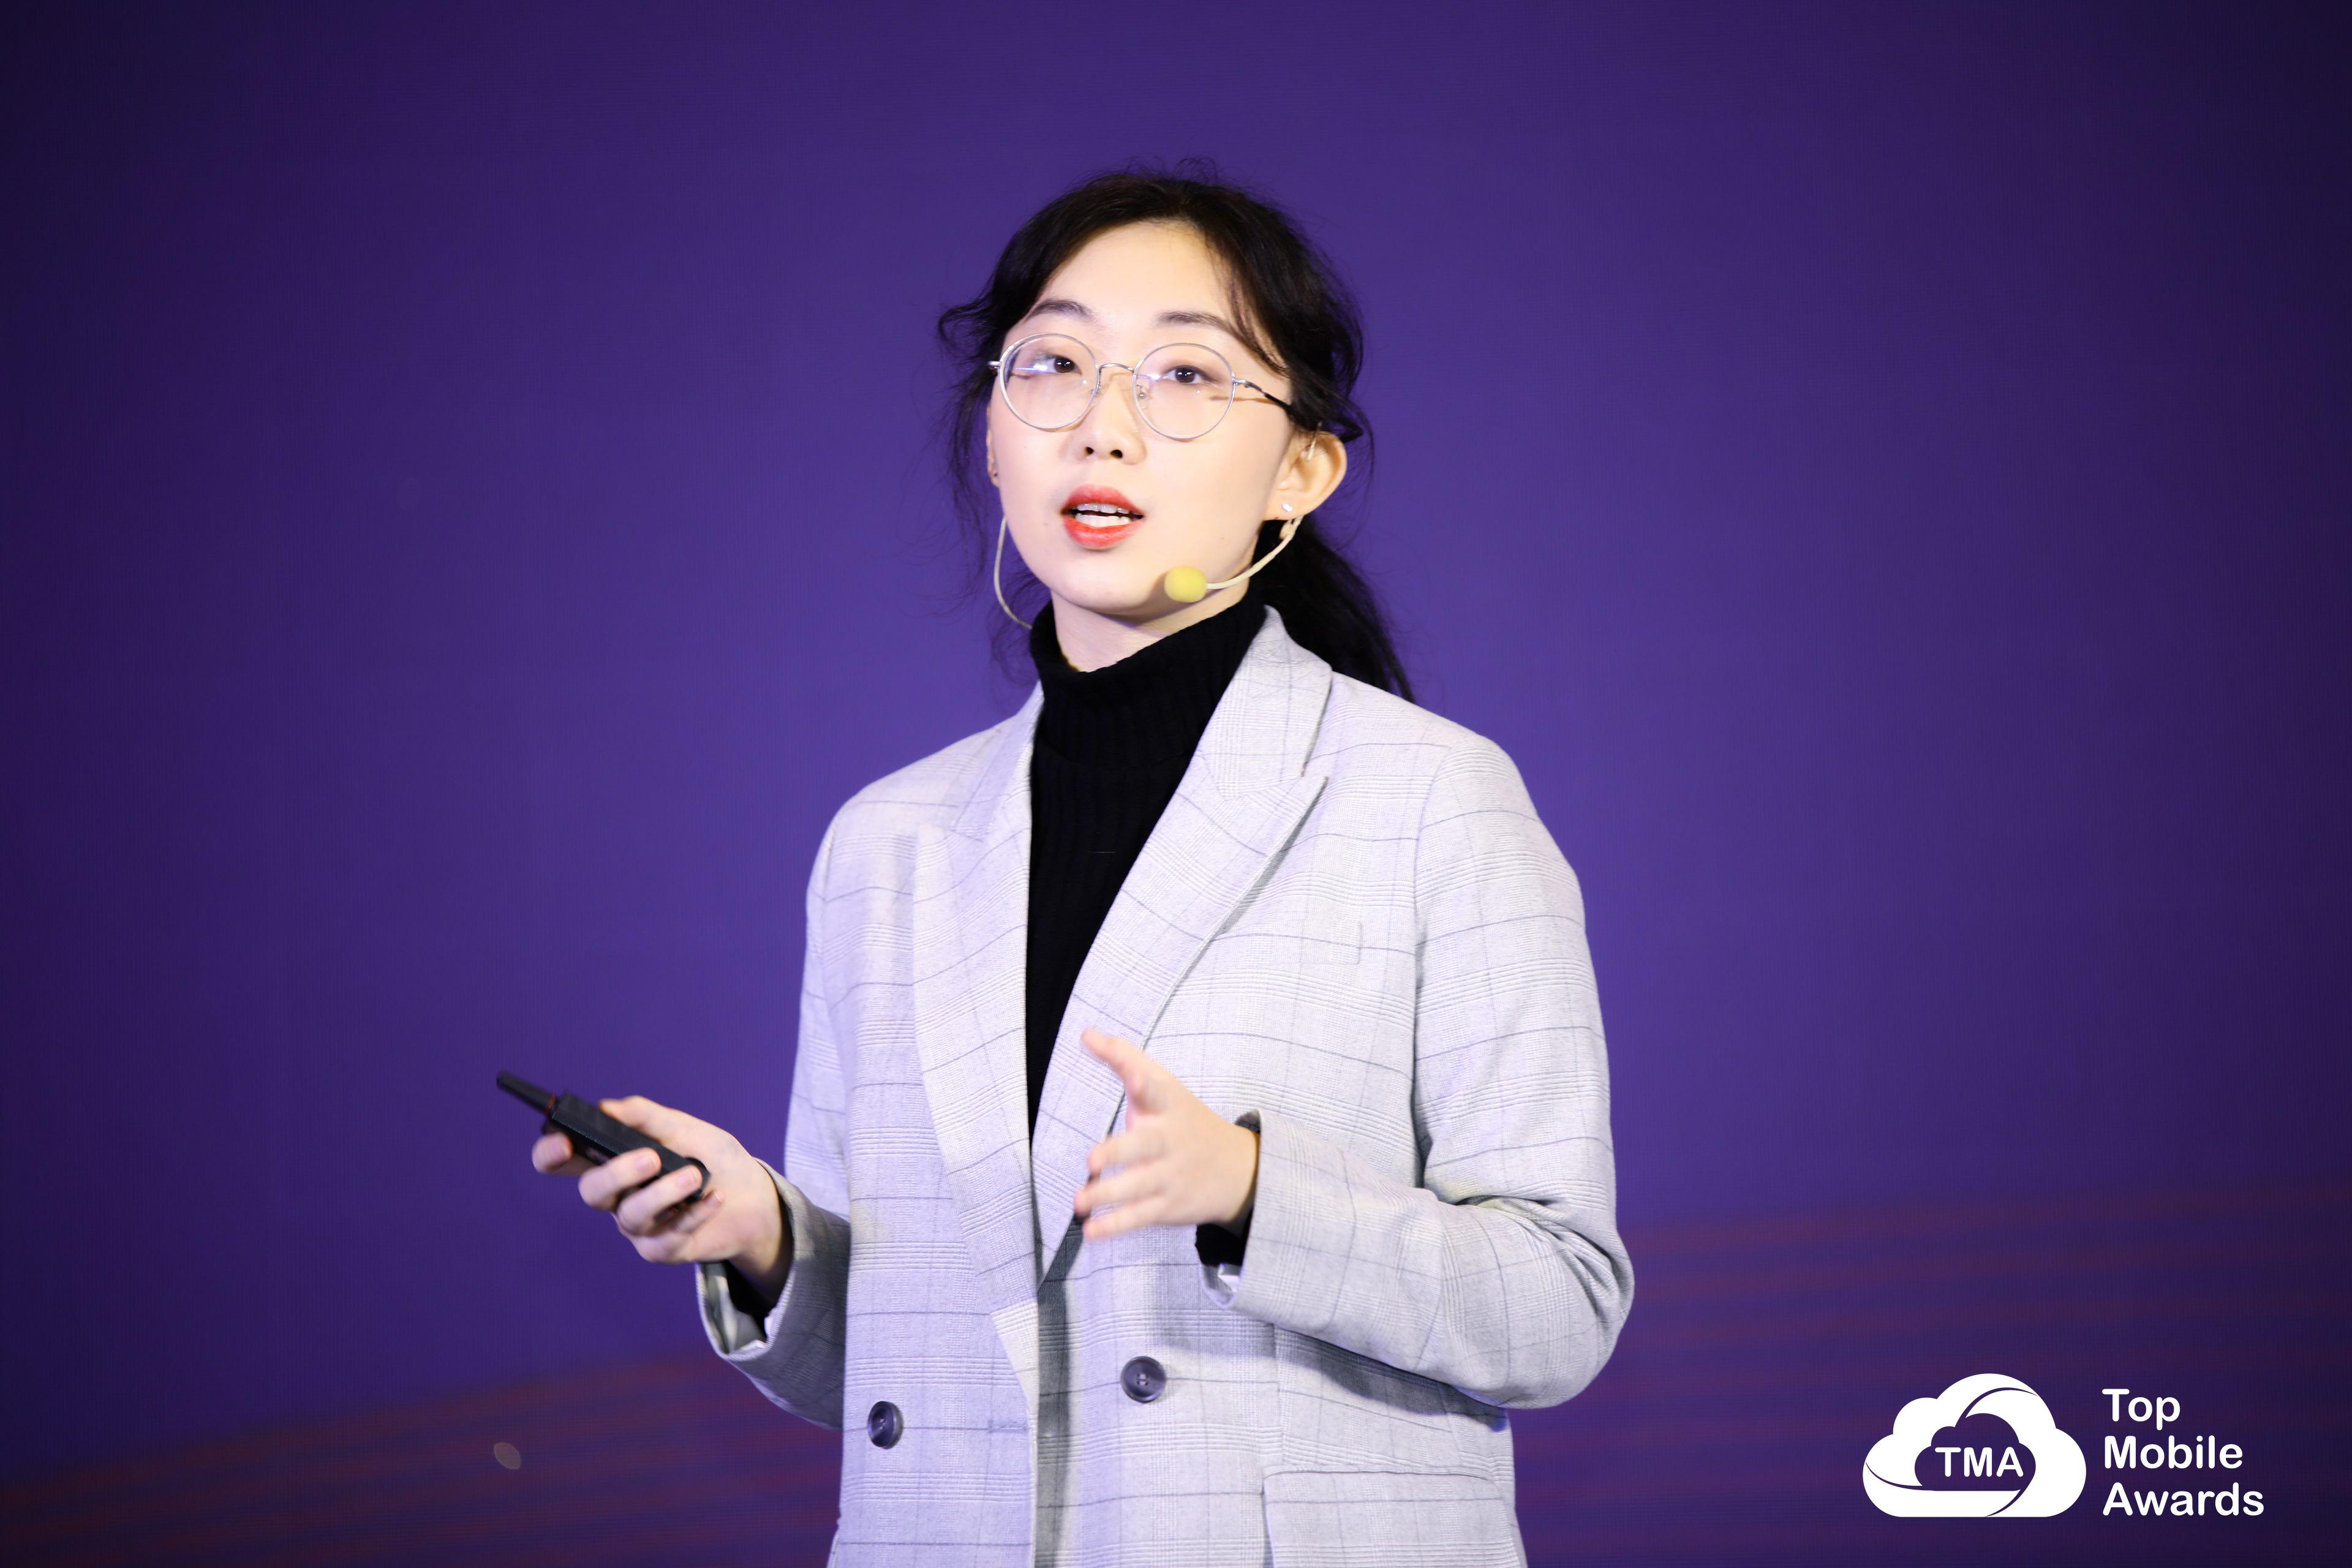 网易传媒营销创新研究员闫霖娇